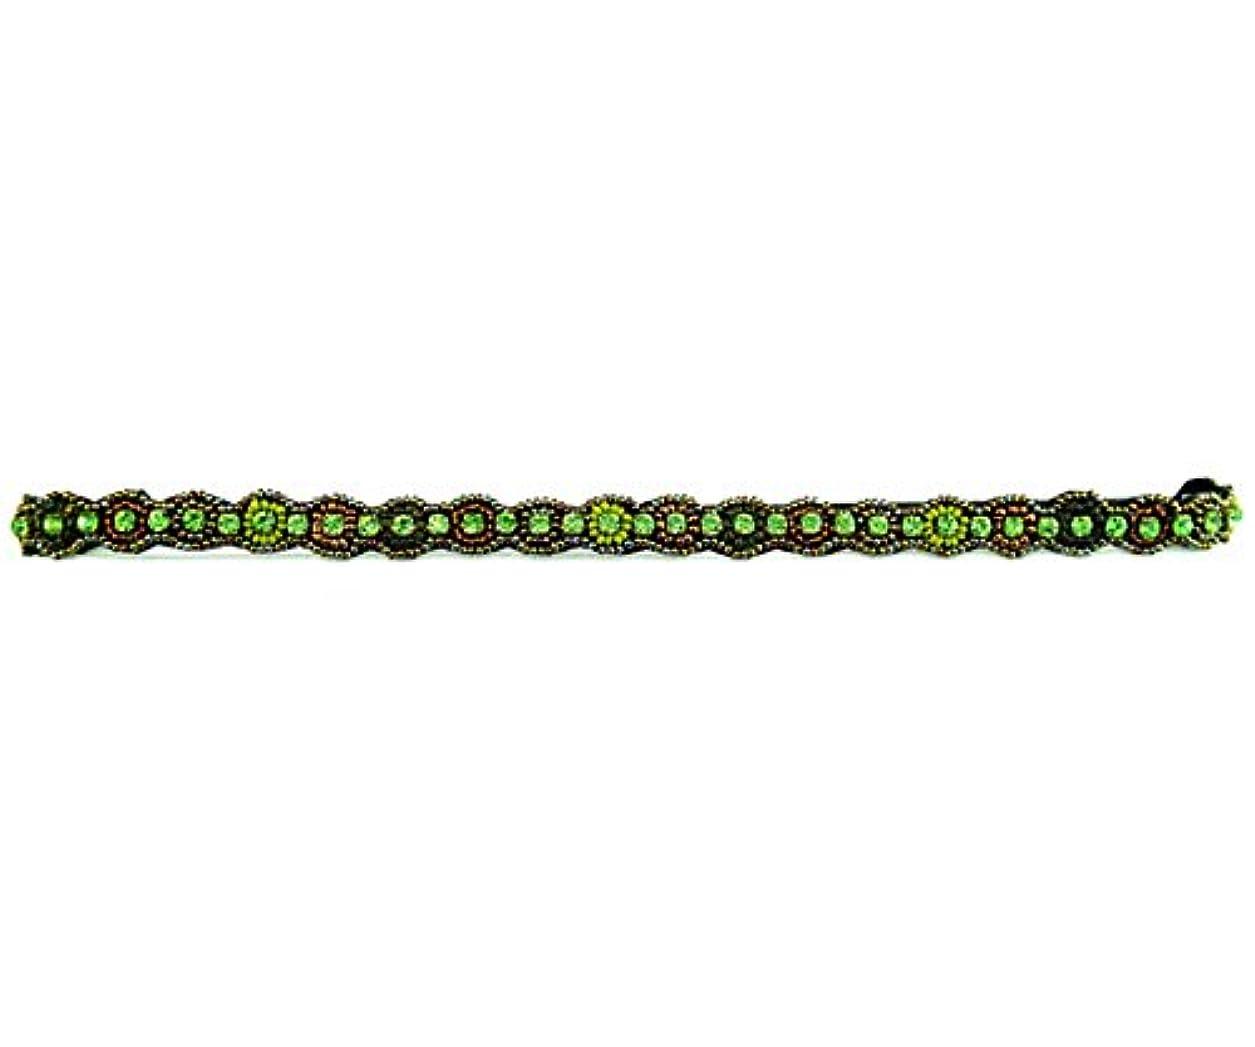 処方する実証するアラブ人ピンクピューター(Pink Pewter)Sloan/Green